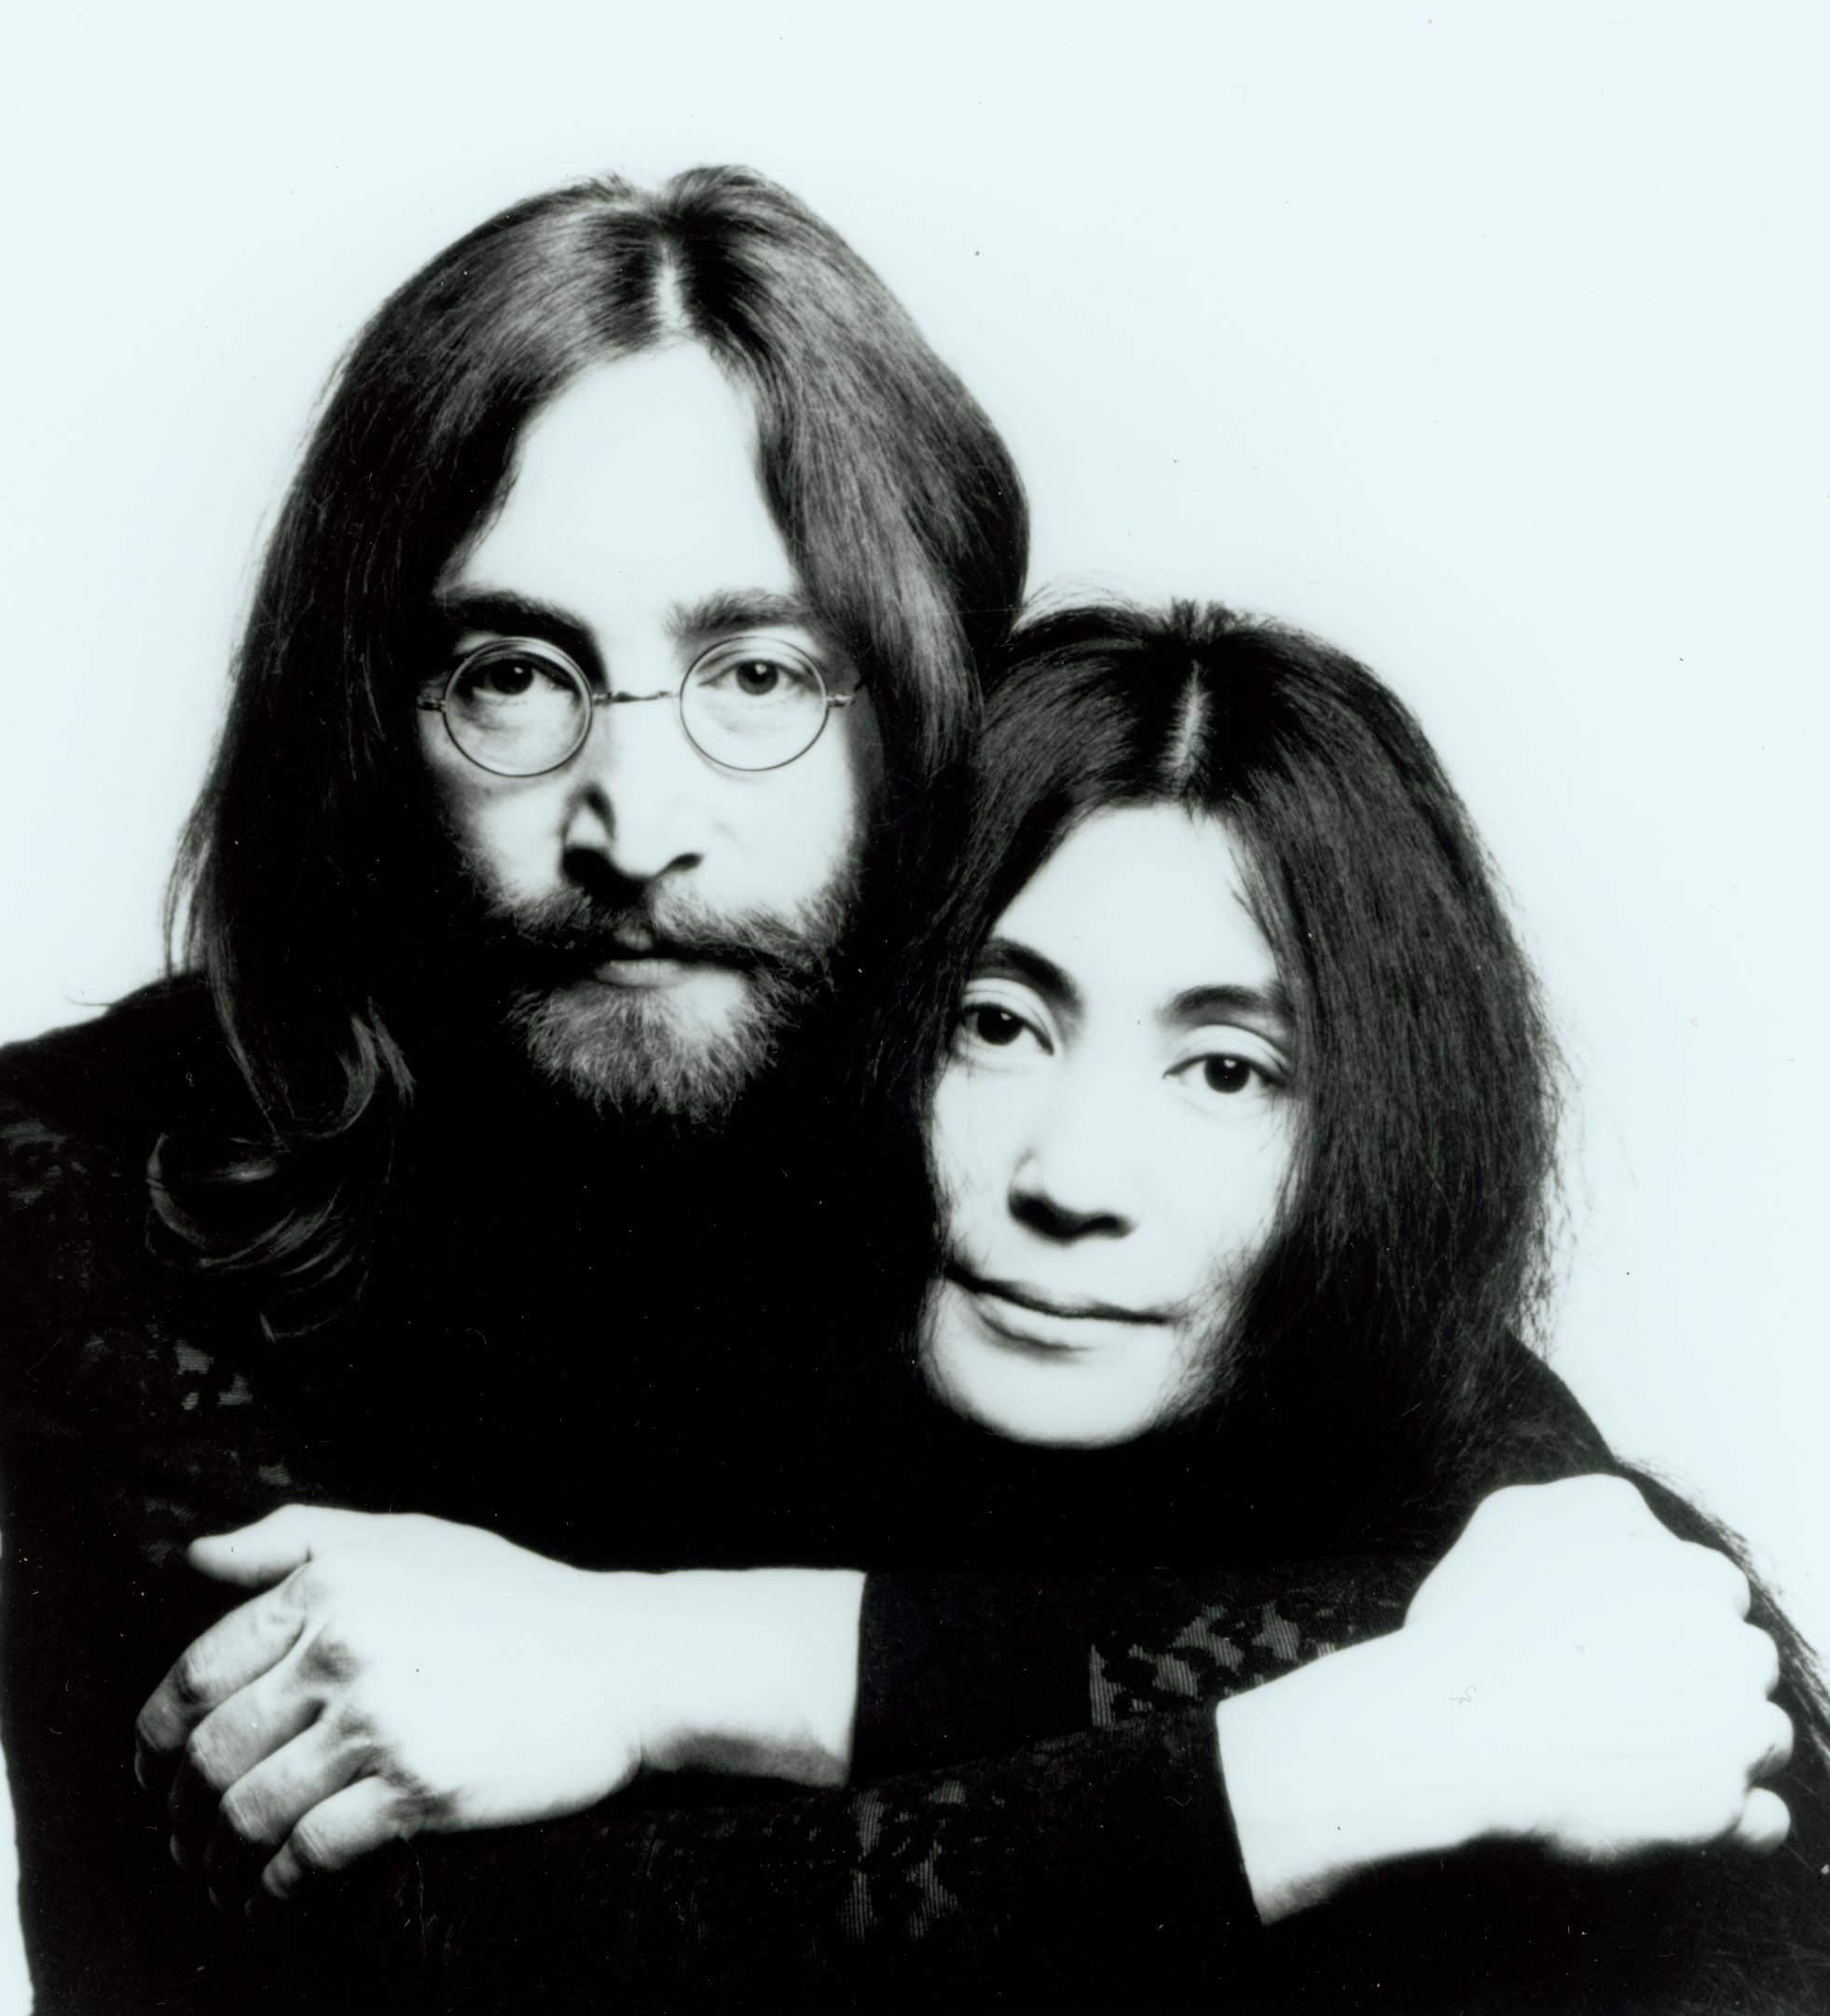 Анонсирован байопик о Джоне Ленноне и Йоко Оно